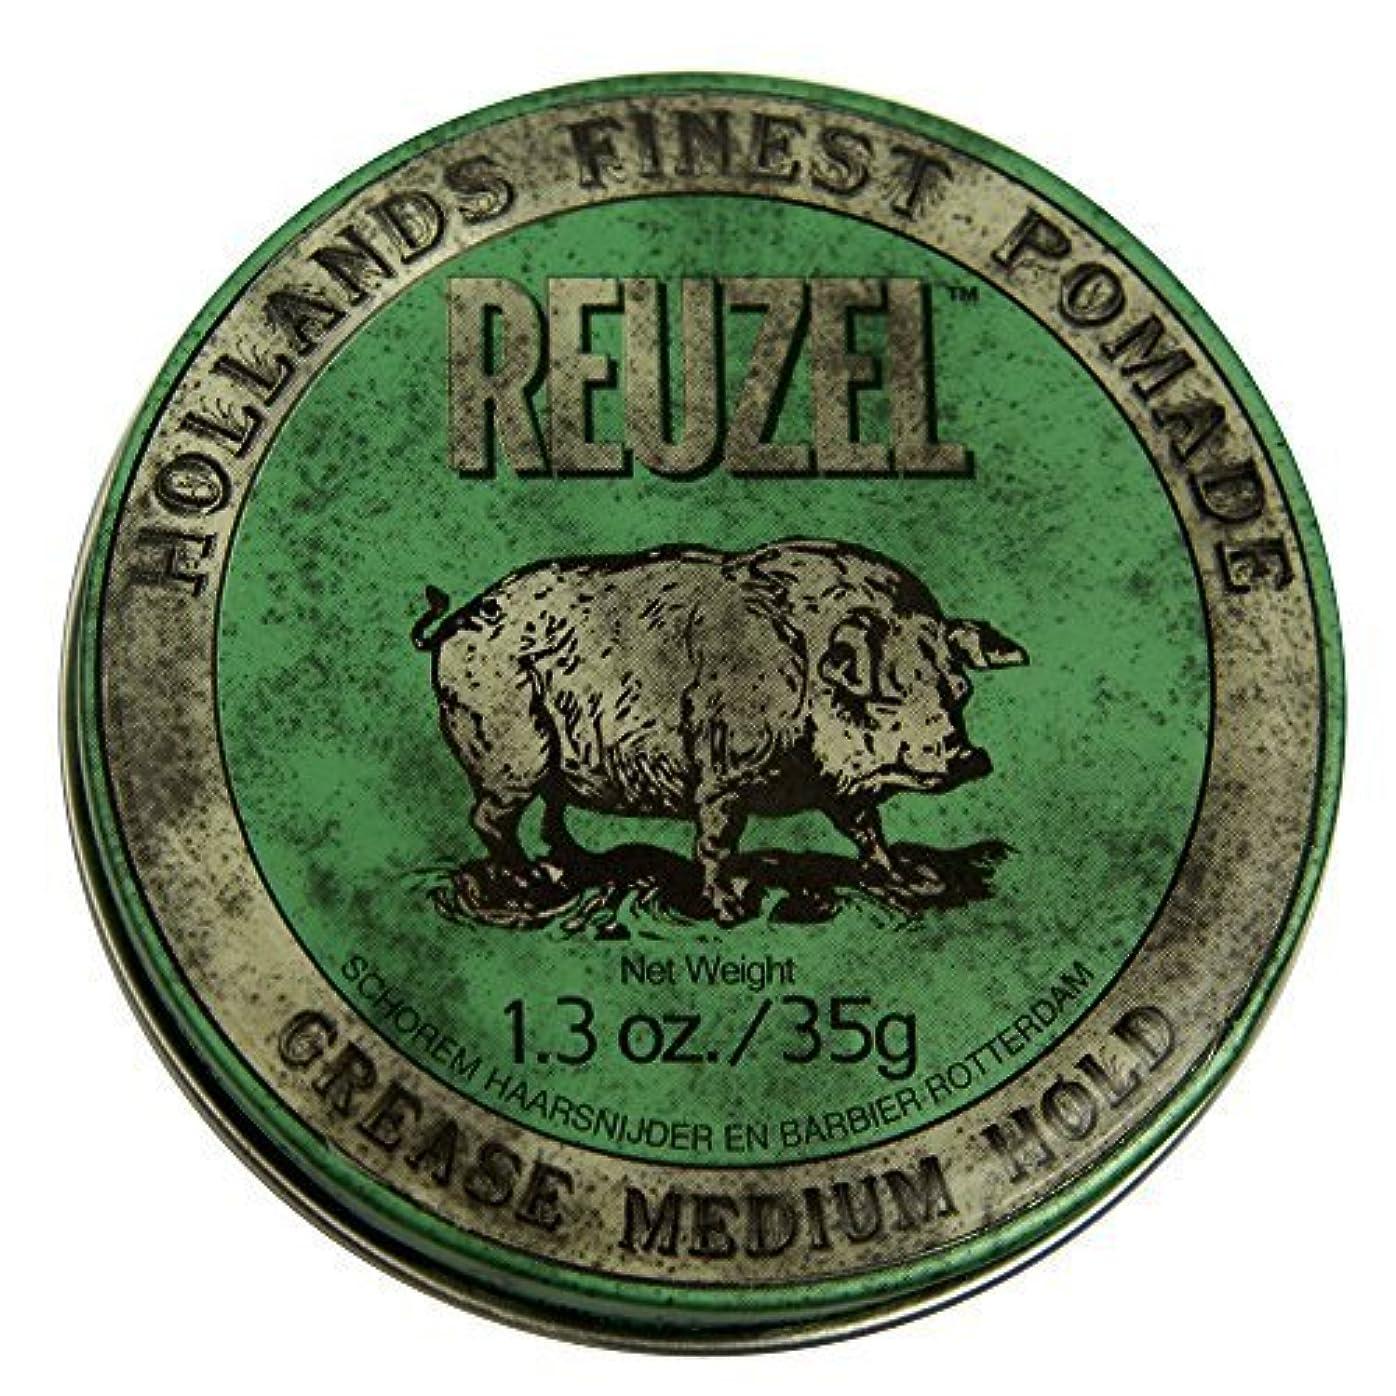 勉強する文明化するカンガルーby Reuzel Reuzel Green Grease Medium Hold Hair Styling Pomade Piglet 1.3oz (35g) Wax/Gel [並行輸入品]